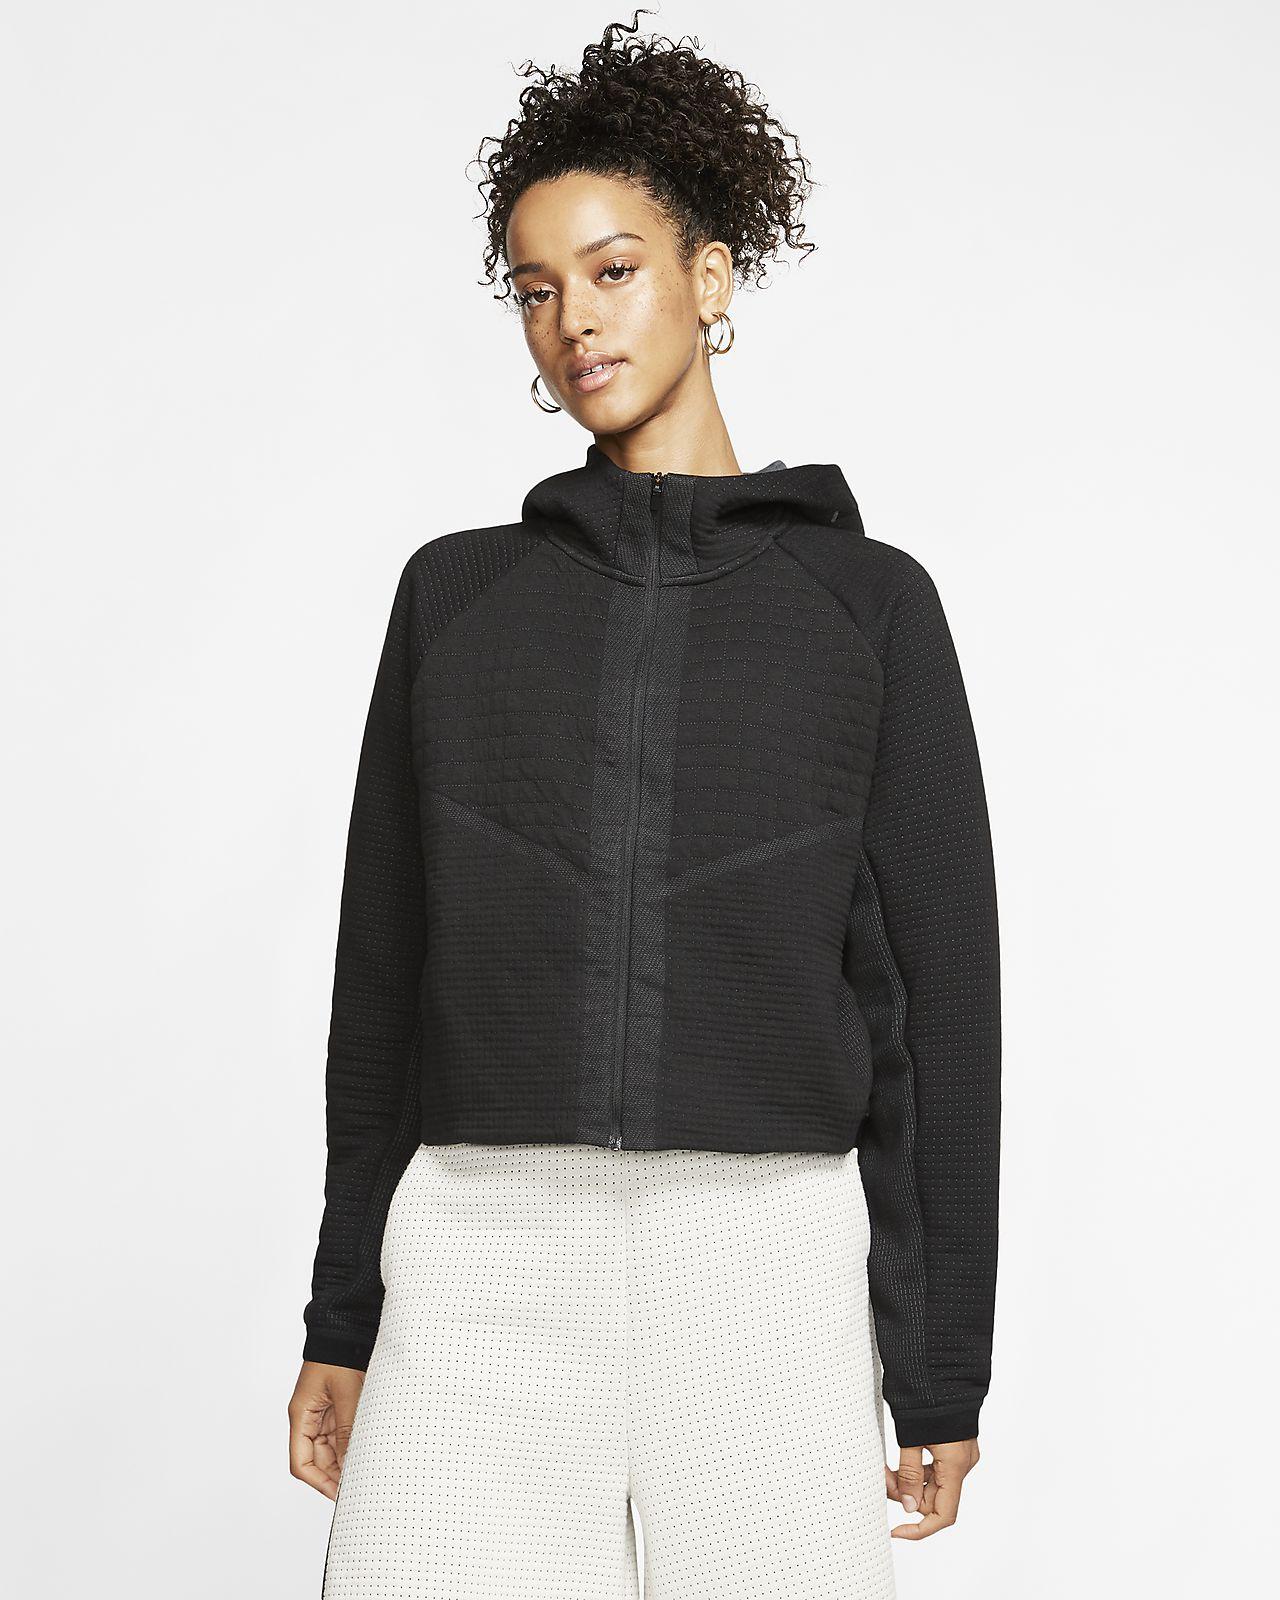 Nike Sportswear City Ready Women's Fleece Full Zip Jacket